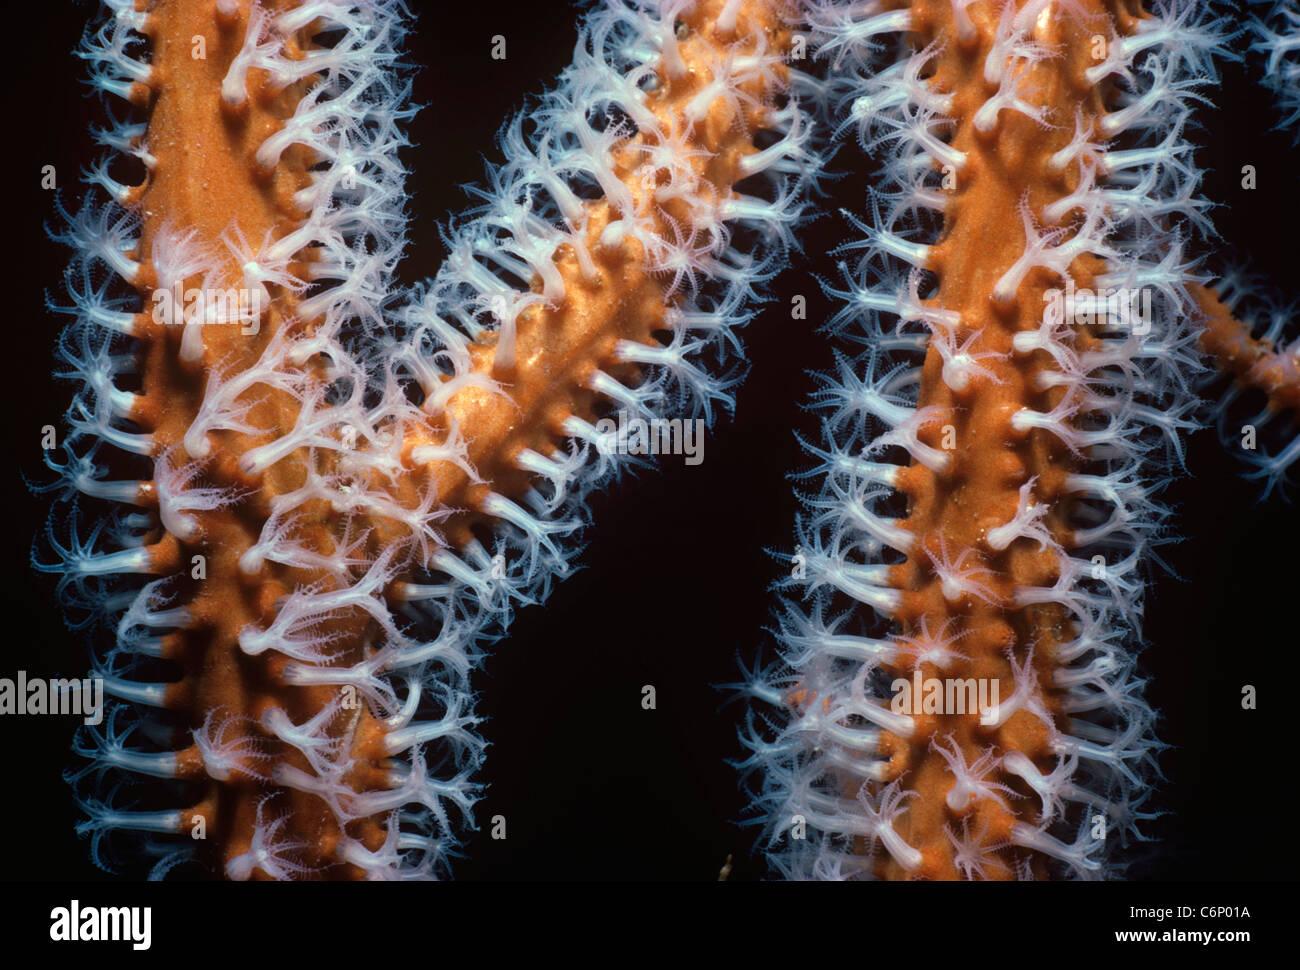 Gorgonian Coral Gorgonacea Polyps Open And Feeding On Plankton